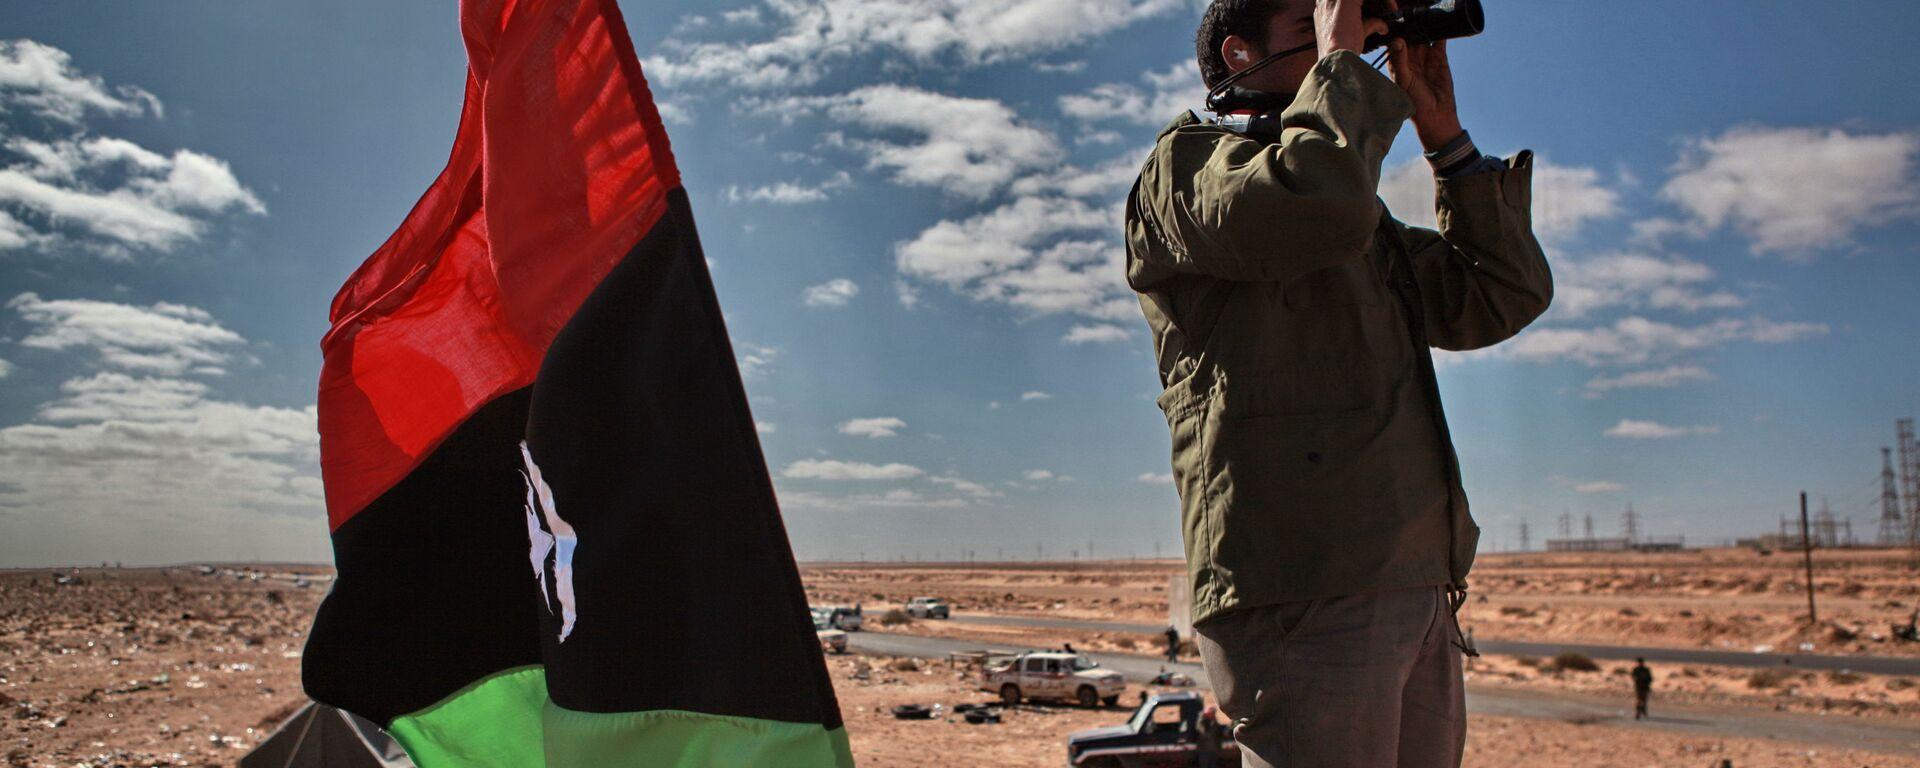 La situazione in Libia - Sputnik Italia, 1920, 05.04.2021